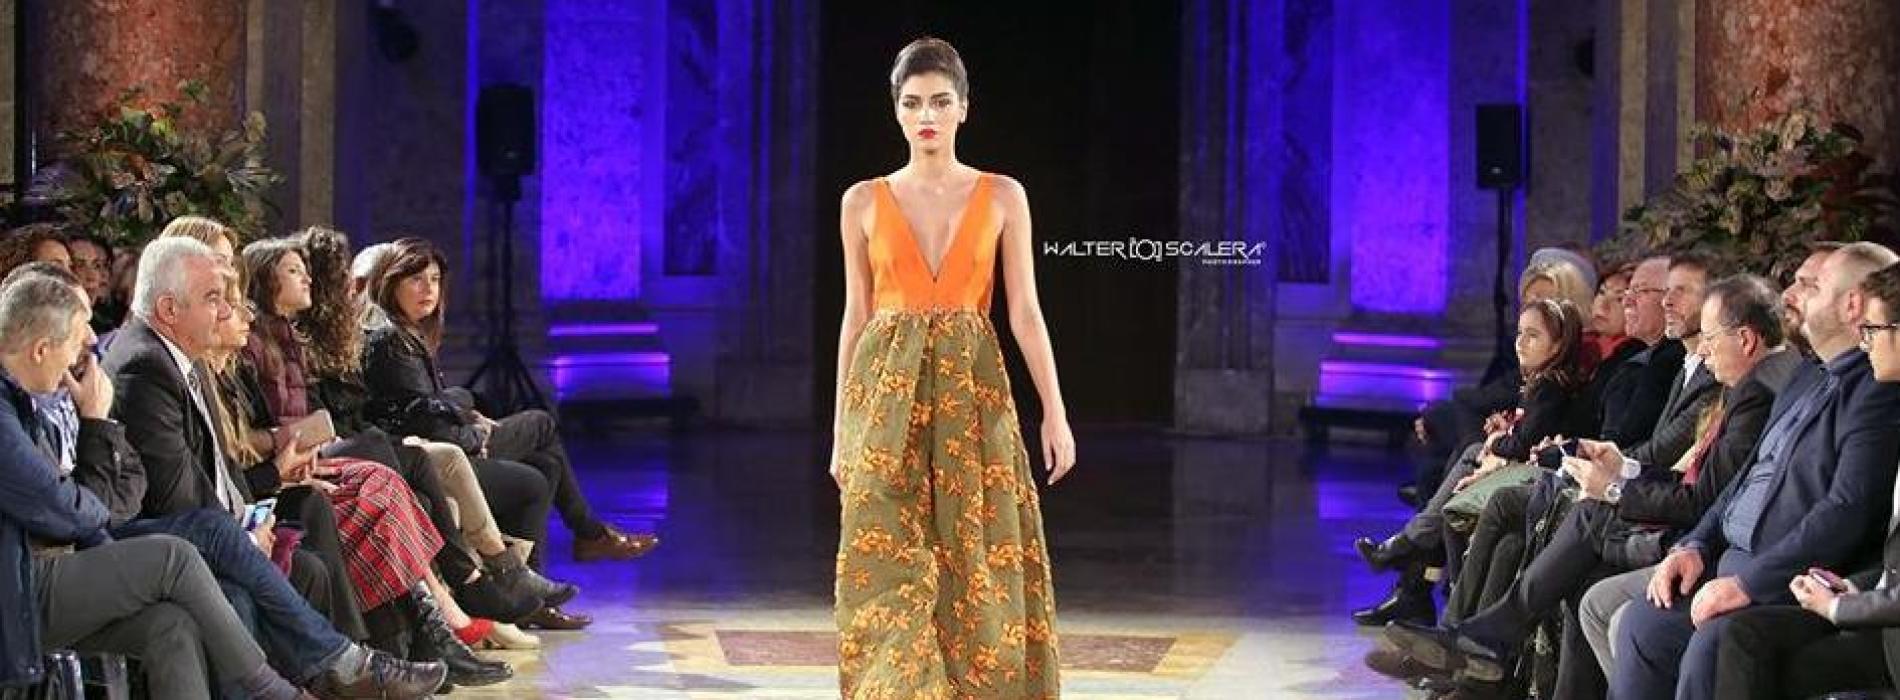 Napoli, Christmas Fashion Party con l'alta moda di Del Prete